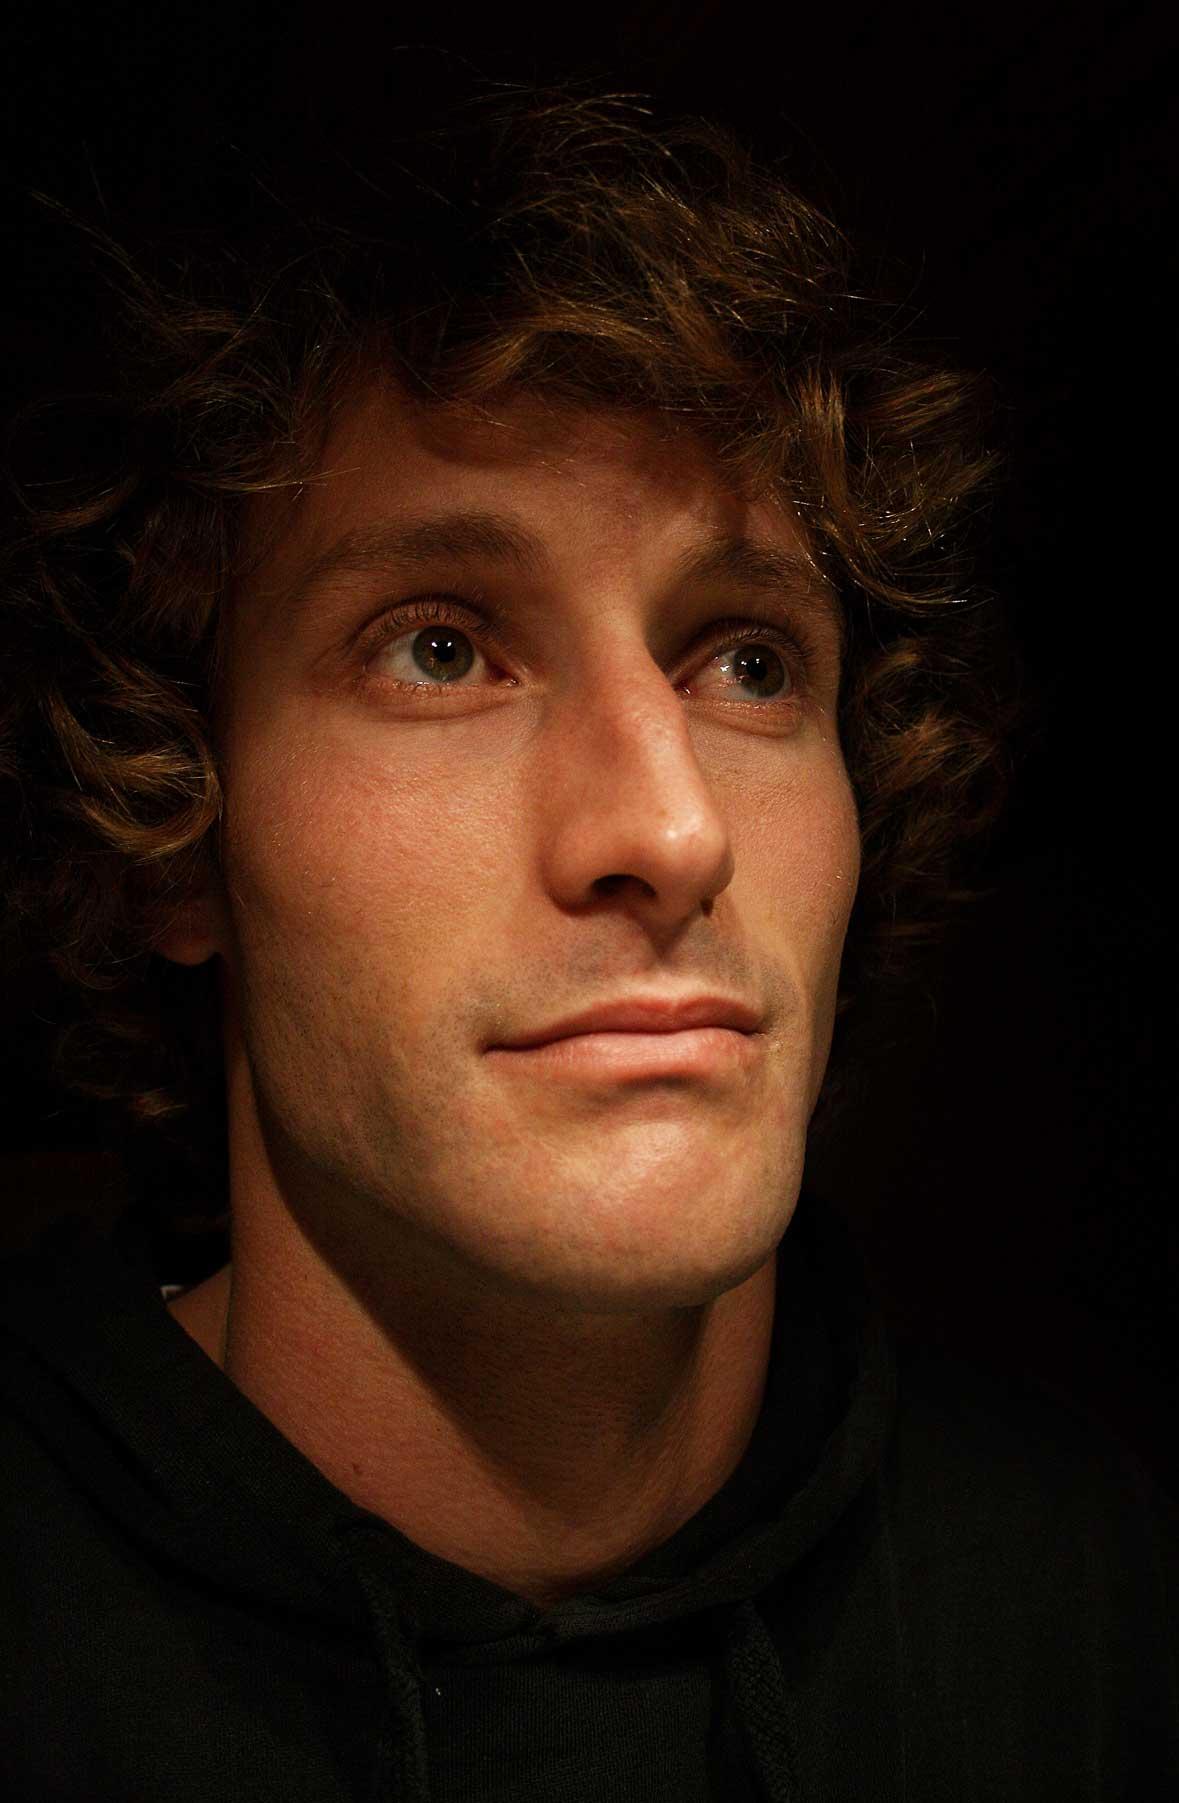 Fabian war schon fast überall auf der Welt surfen. In Margaret River hat es ihm am besten gefallen und deshalb machte er den Ort zu seiner neuen Heimat.